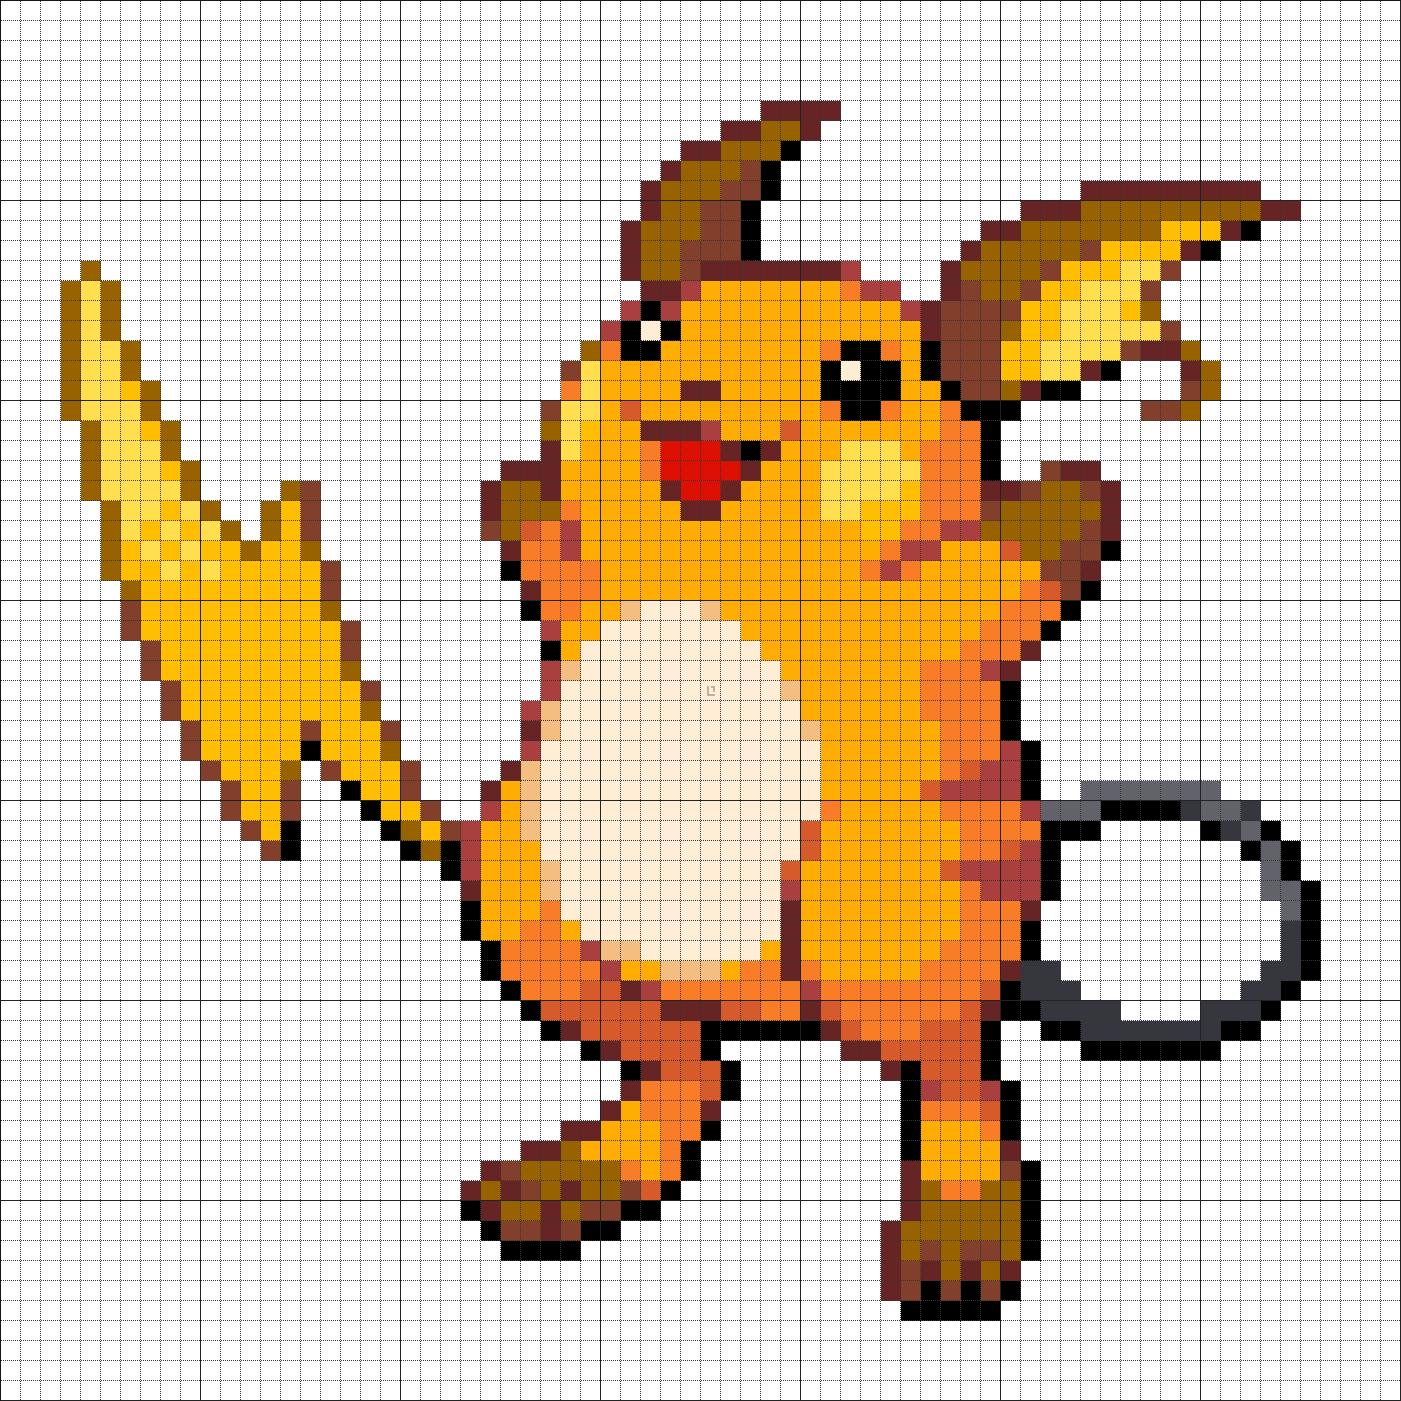 26 Raichu Pokemon Cross Stitch Cross Stitch Embroidery